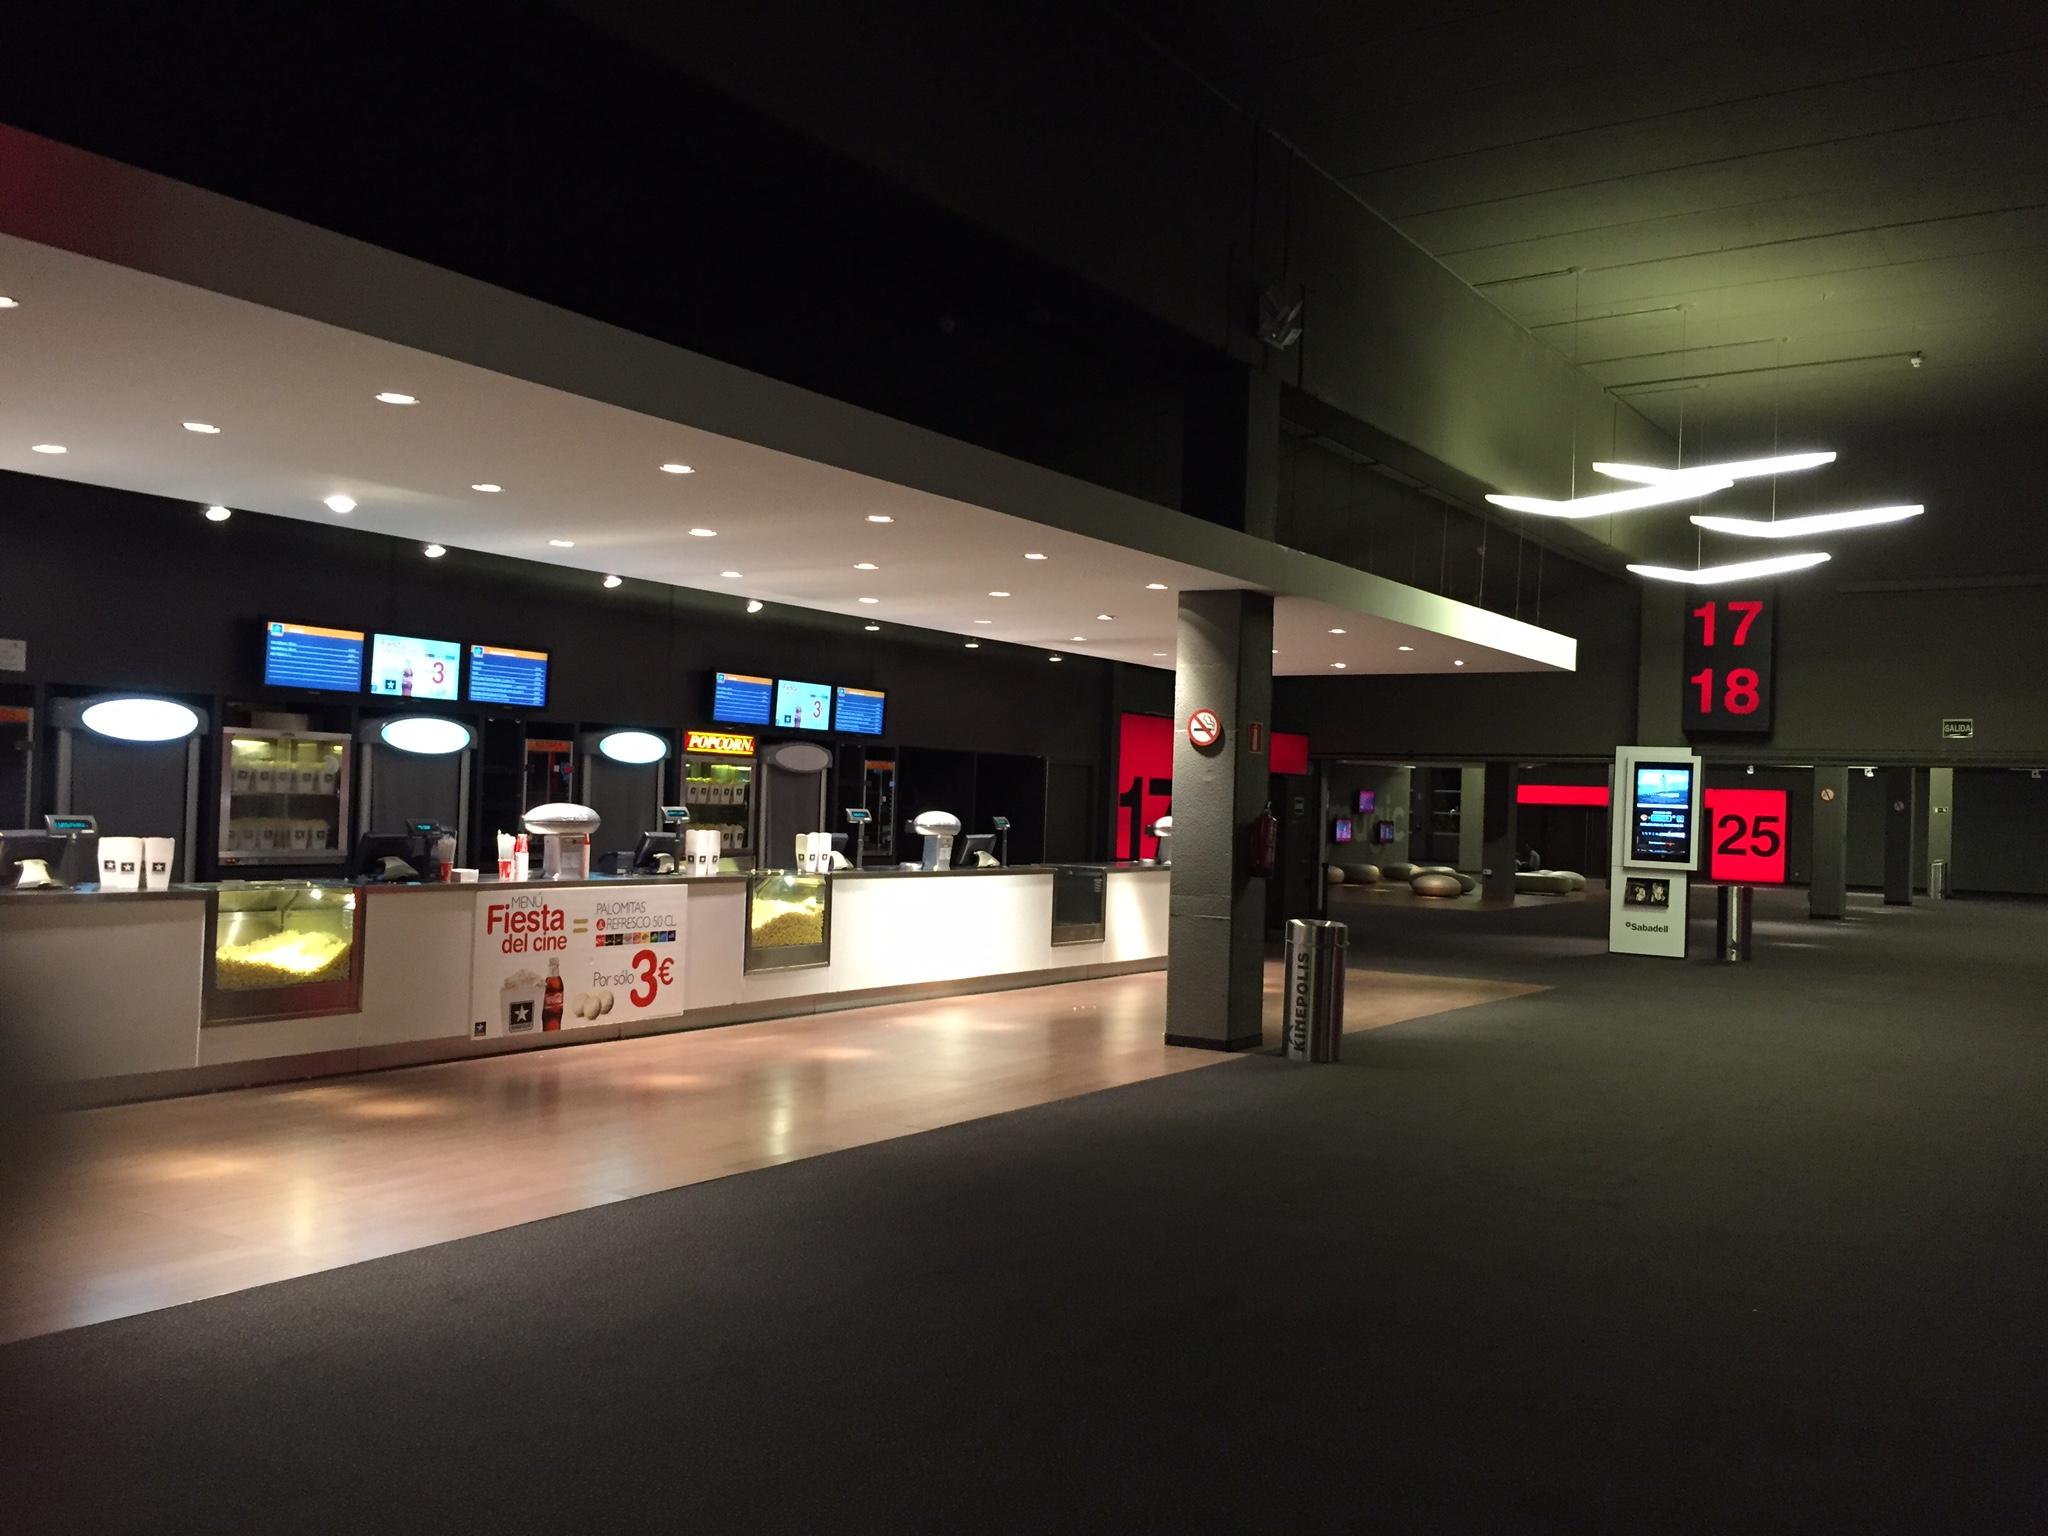 Le Nozze en el Coliseum de Londres: una interesante reposición